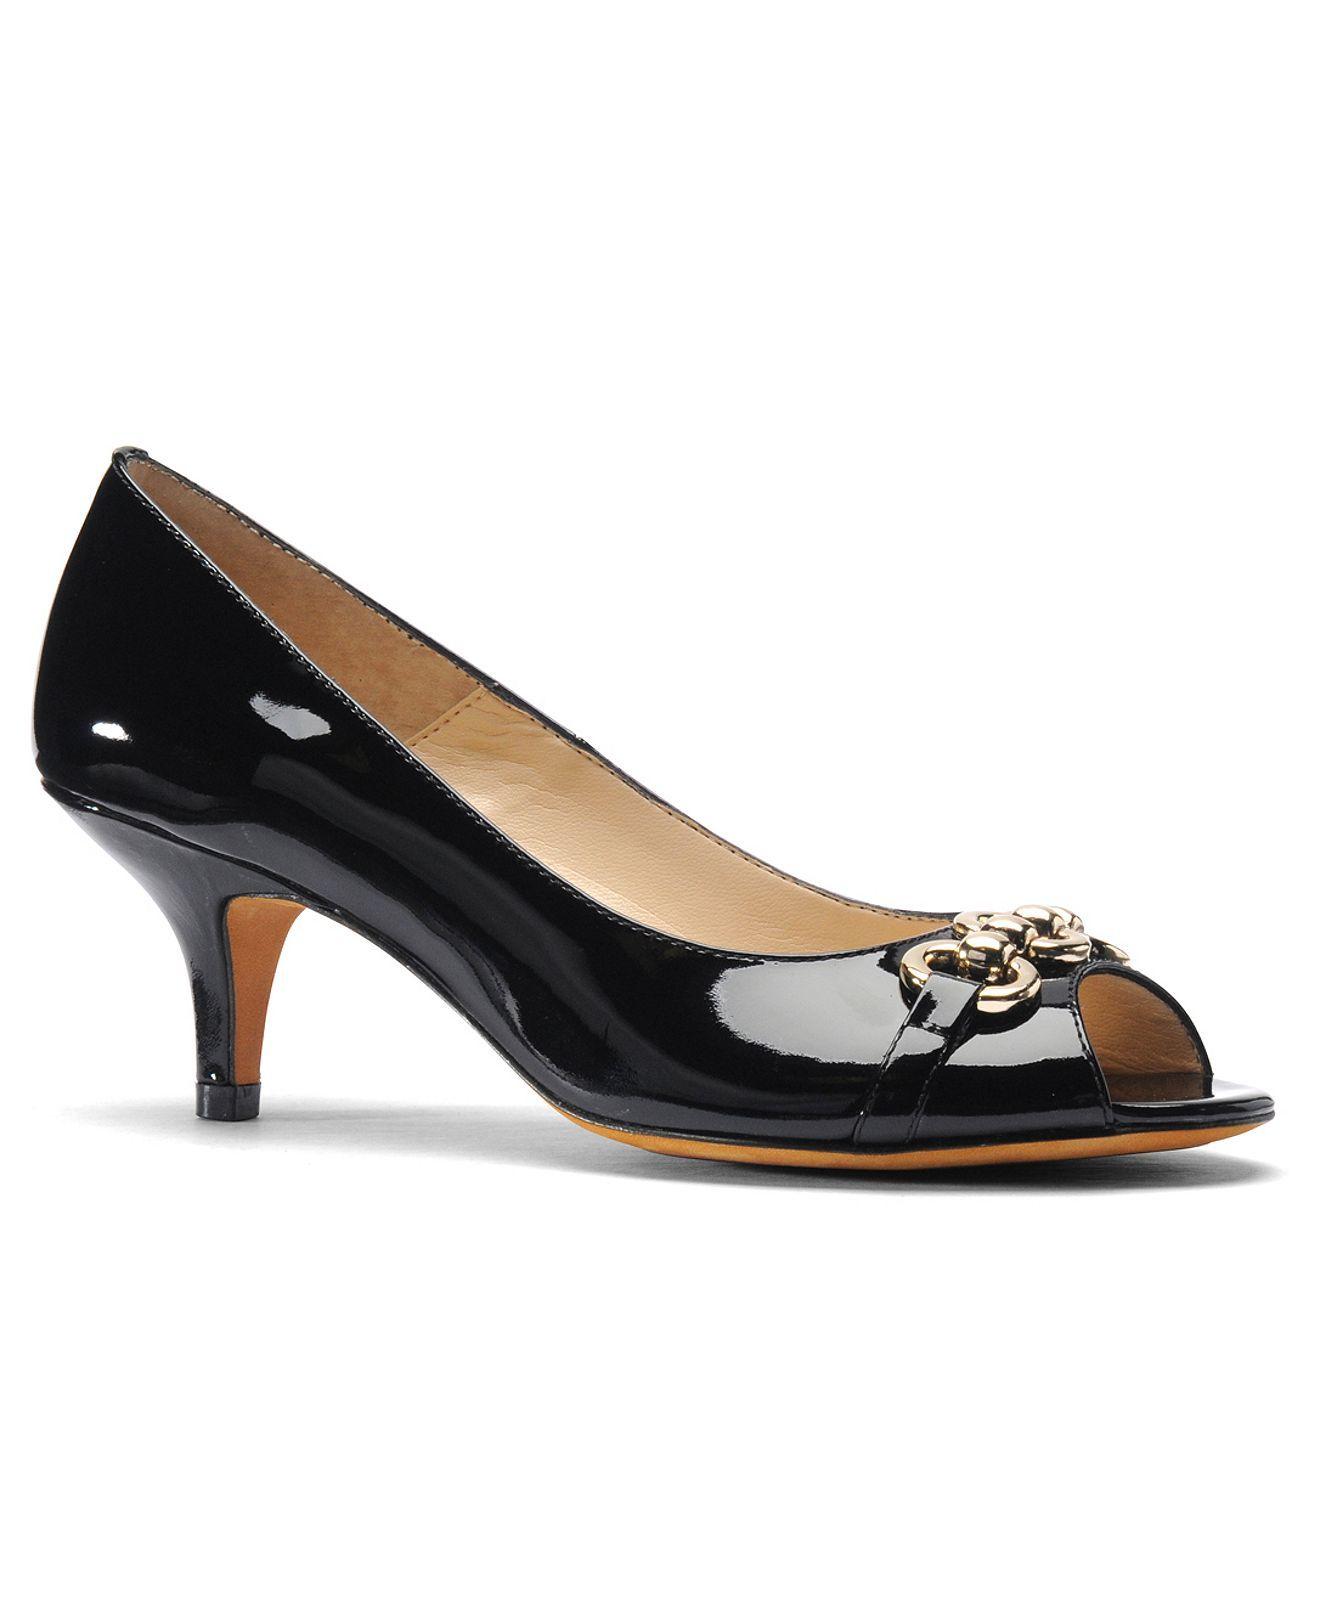 Isola Shoes, Tillar Pumps - Shoes - Macy's